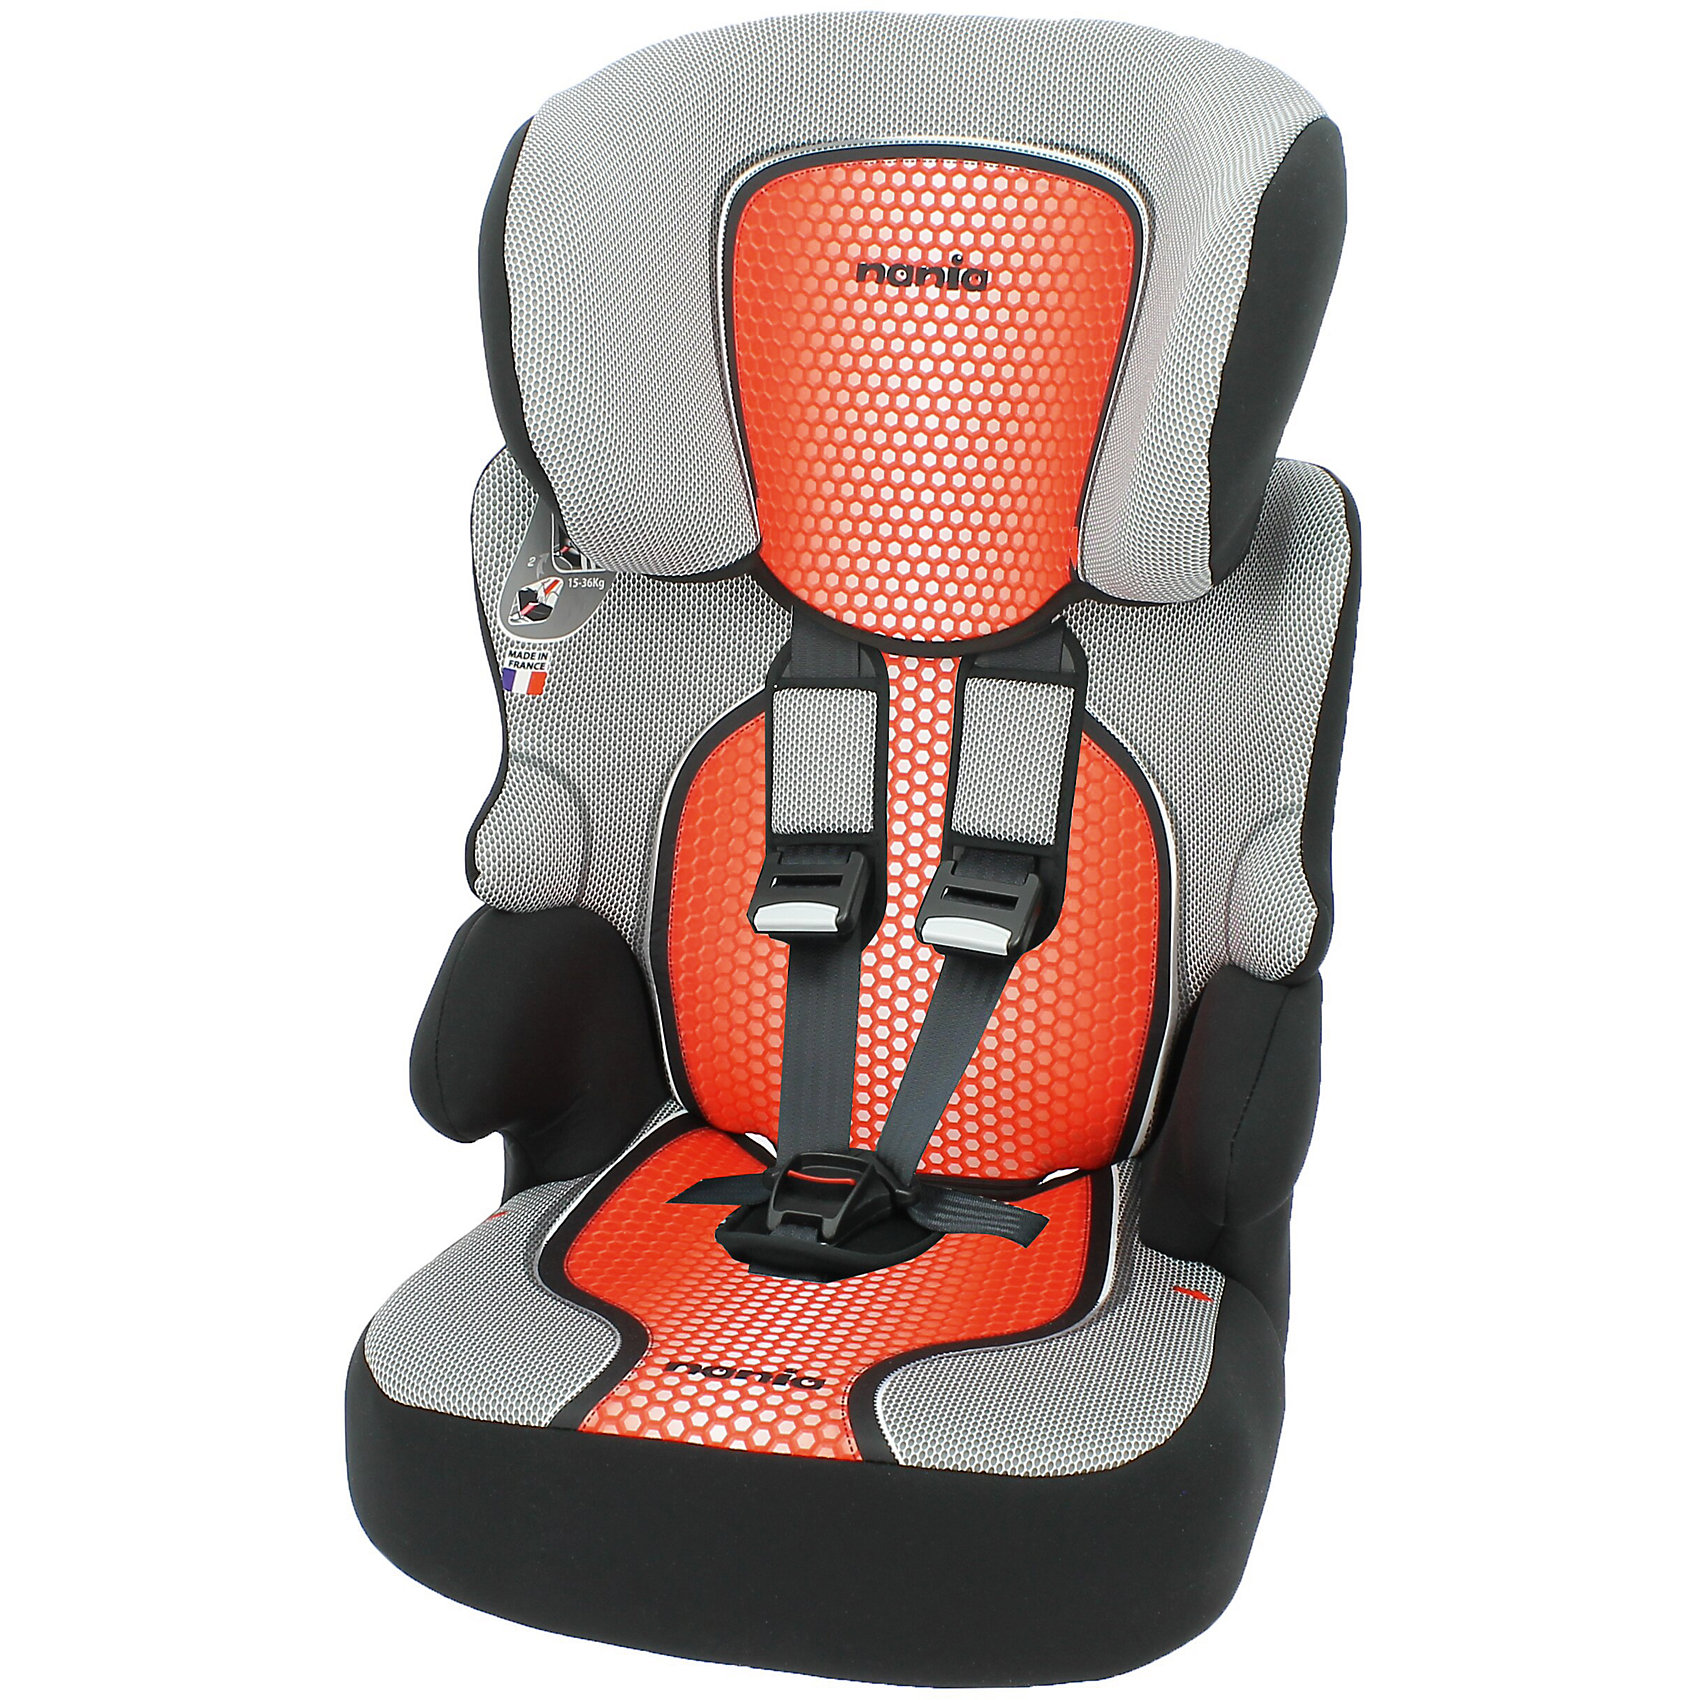 Автокресло Nania Beline SP FST 9-36 кг, pop redГруппа 1-2-3 (От 9 до 36 кг)<br>Характеристики автокресла Nania Beline SP FST:<br><br>• группа 1-2-3;<br>• вес ребенка: 9-36 кг;<br>• возраст ребенка: от 9 месяцев до 12 лет;<br>• способ установки: по ходу движения автомобиля;<br>• способ крепления: штатными ремнями безопасности автомобиля;<br>• 5-ти точечные ремни безопасности с мягкими накладками, регулируются по высоте (3 положения) и длине;<br>• имеются подлокотники;<br>• регулируемая высота подголовника: 6 положений;<br>• дополнительная защита от боковых ударов, система SP (side protection);<br>• функция бустера: спинка снимается, остается только креслице для ребенка, вес которого находится в пределах 22-36 кг;<br>• съемные чехлы, стирка при температуре 30 градусов;<br>• материал: пластик, полиэстер;<br>• стандарт безопасности: ЕСЕ R44/04.<br><br>Размер автокресла: 47x44x68/79 см<br>Размер сиденья: 34х27 см<br>Высота спинки: 61-72 см<br>Вес автокресла: 3,9 кг<br><br>Автокресло Beline SP FST 9-36 кг., Nania, pop red можно купить в нашем интернет-магазине.<br><br>Ширина мм: 710<br>Глубина мм: 500<br>Высота мм: 450<br>Вес г: 10520<br>Возраст от месяцев: 9<br>Возраст до месяцев: 144<br>Пол: Унисекс<br>Возраст: Детский<br>SKU: 5287301